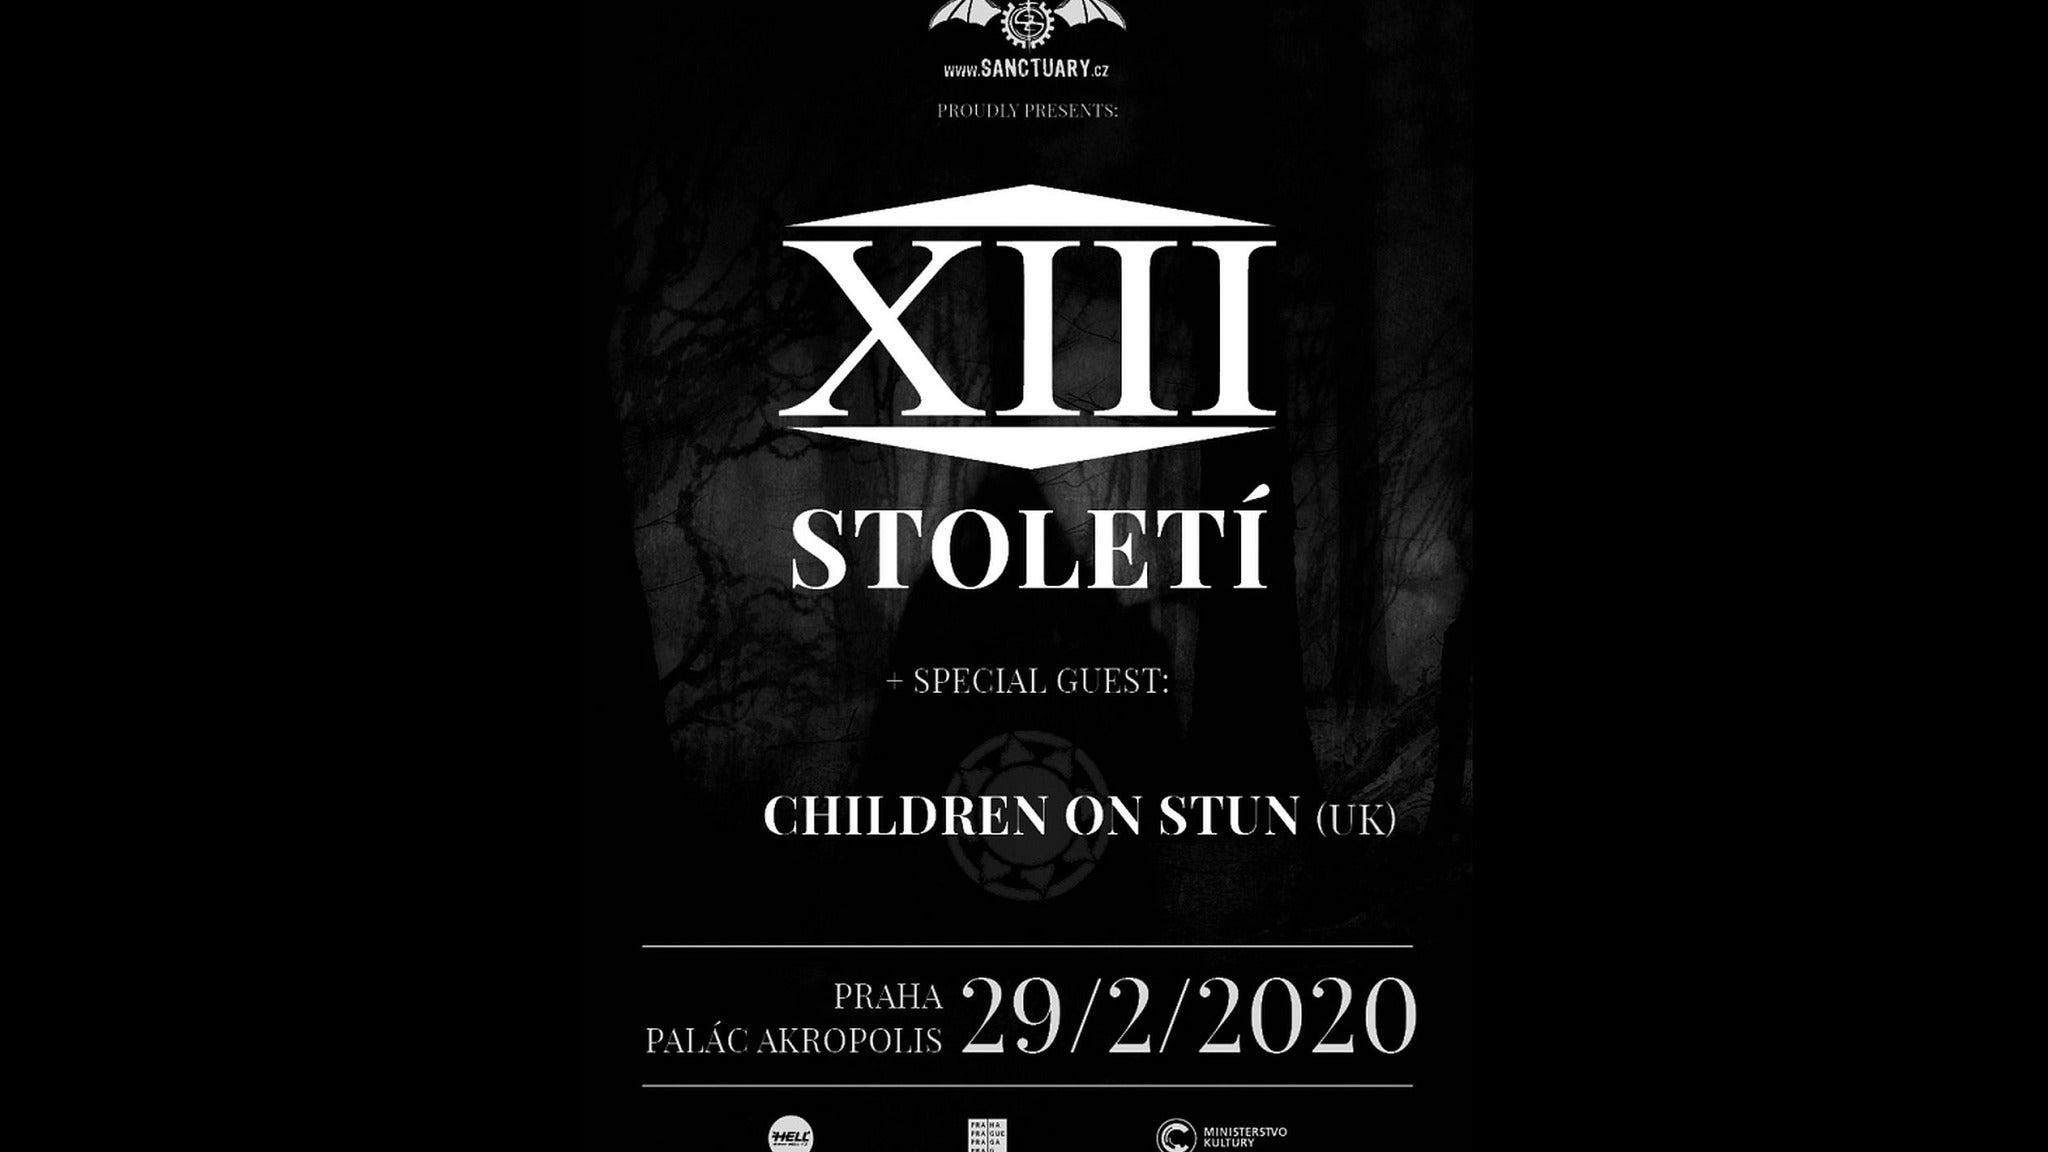 XIII. STOLETÍ, Children on stun